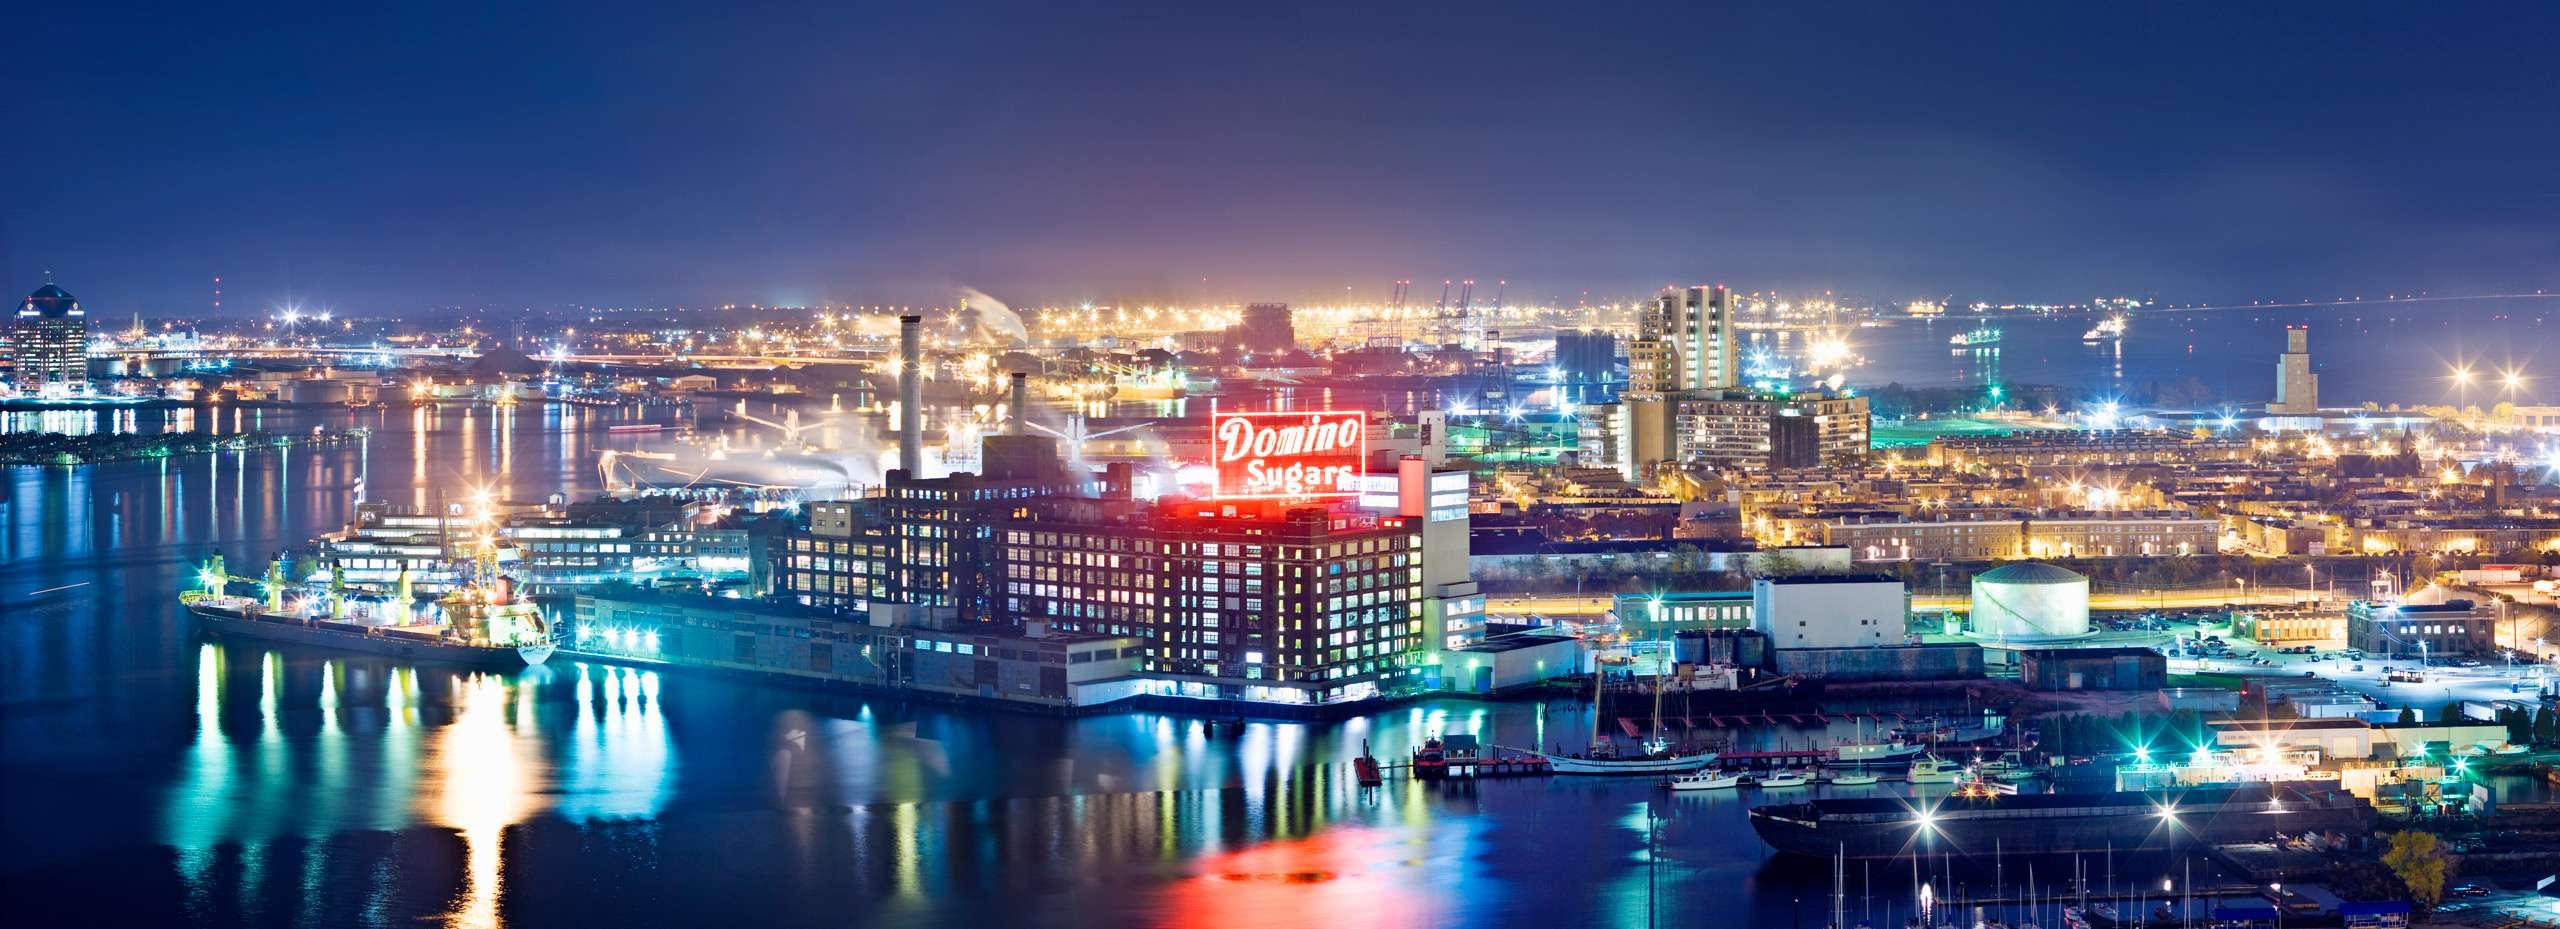 PORTFOLIO - Baltimore Skylines  #18-PCG392